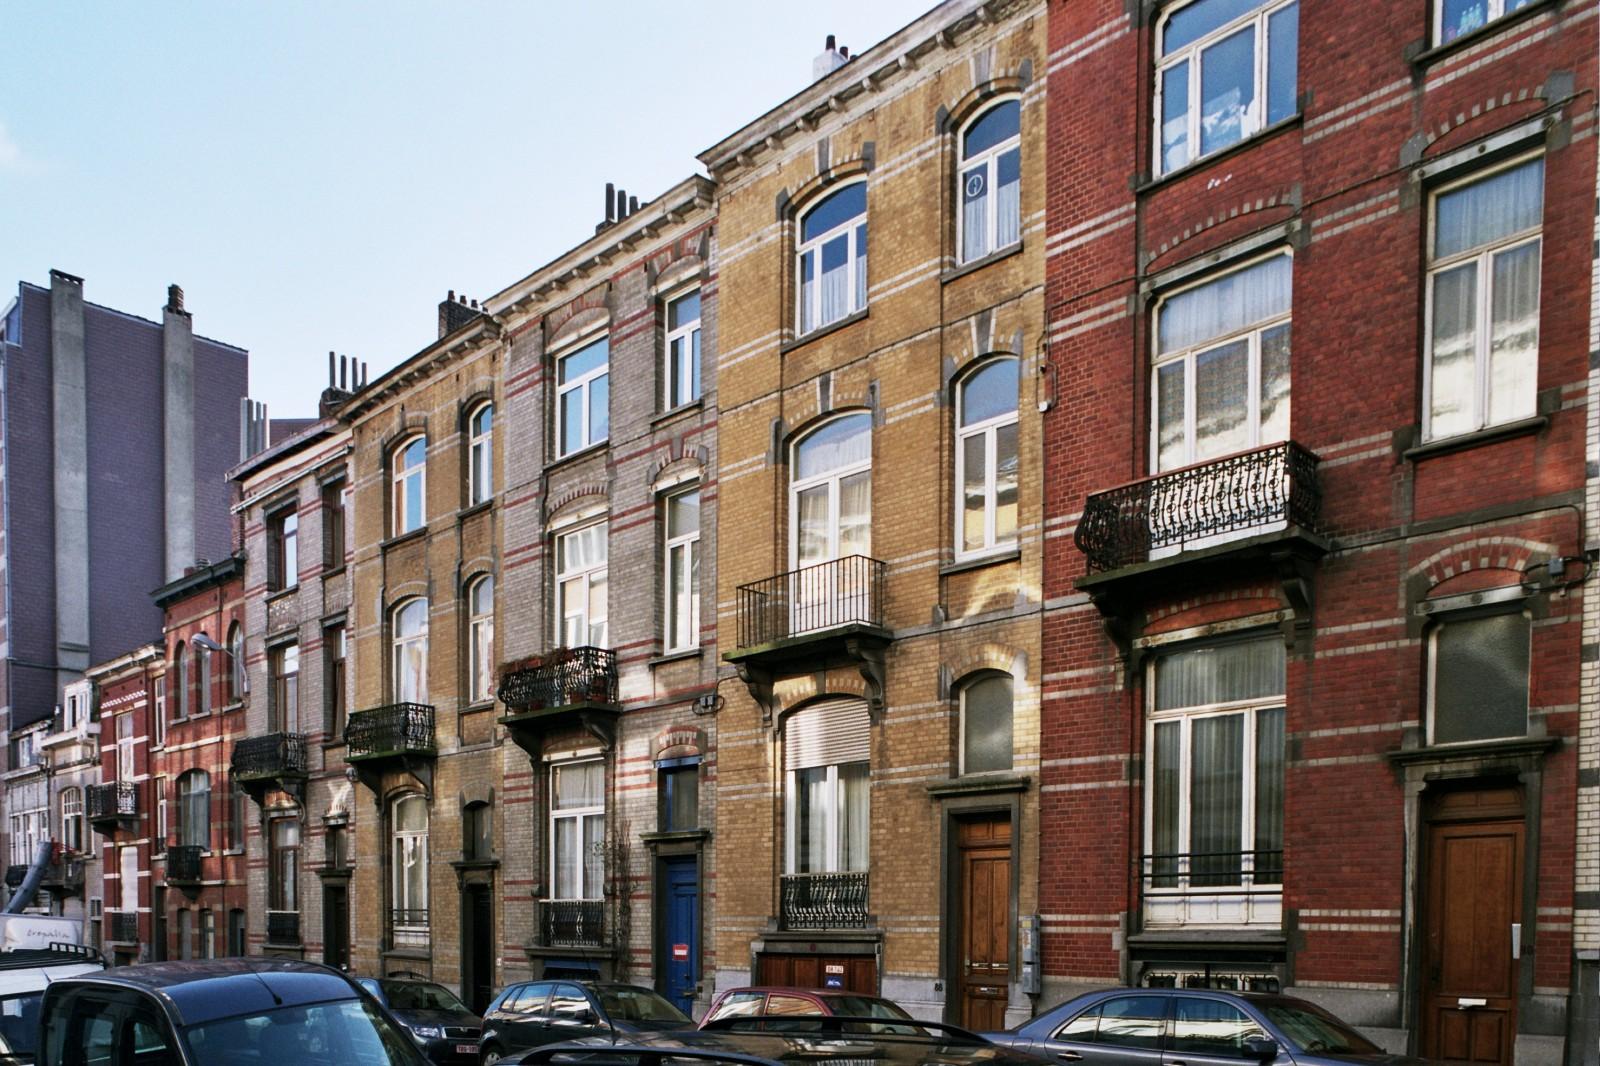 Rue des Mélèzes côté pair, enfilade de maisons de style éclectique par l'arch. Jean DIERICKX, 1909., 2005